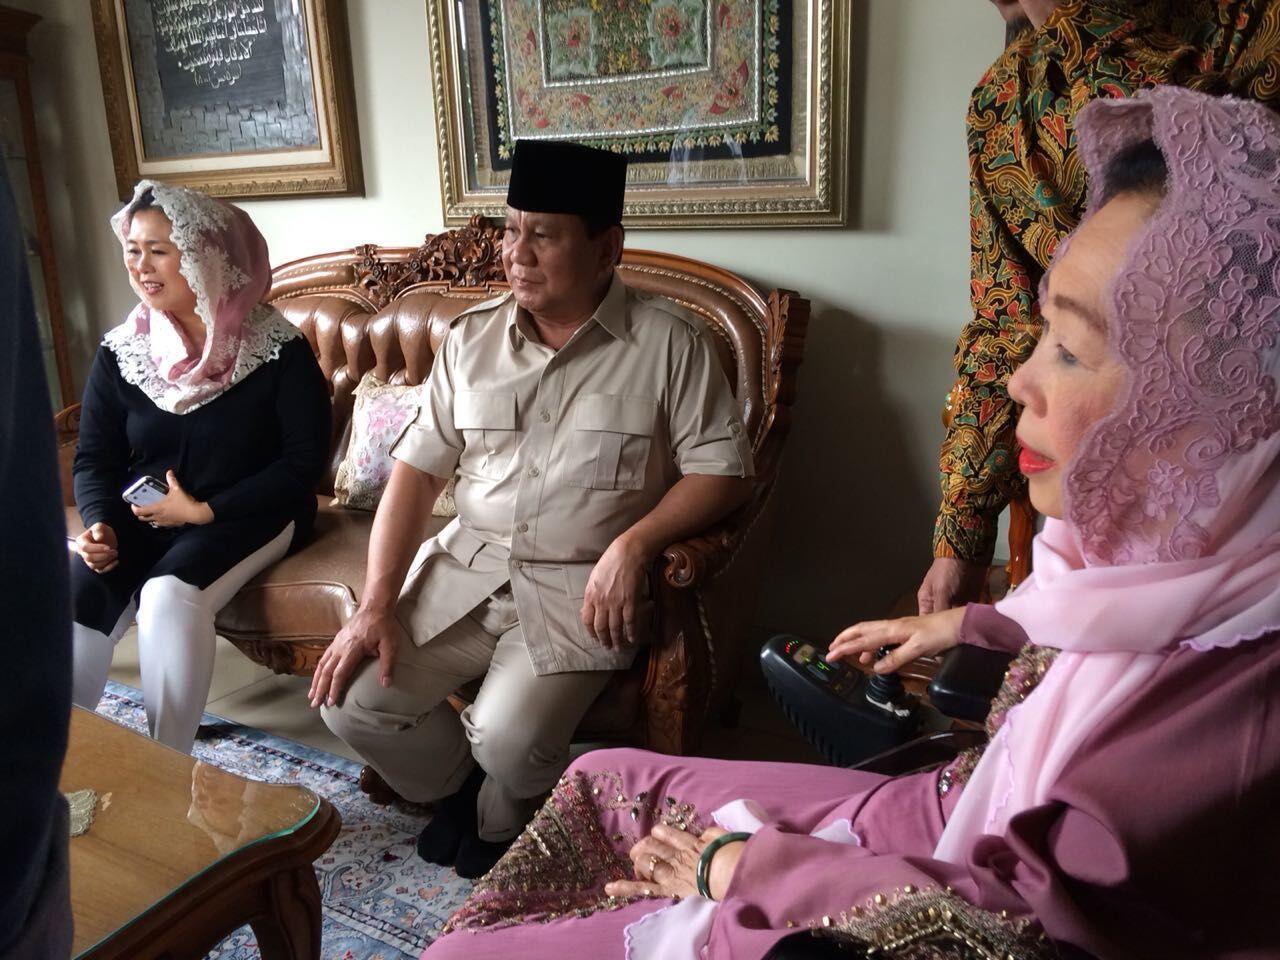 Kepada Prabowo, Sinta Bercerita Soal Kursi Bolong Gara-gara Gus Dur